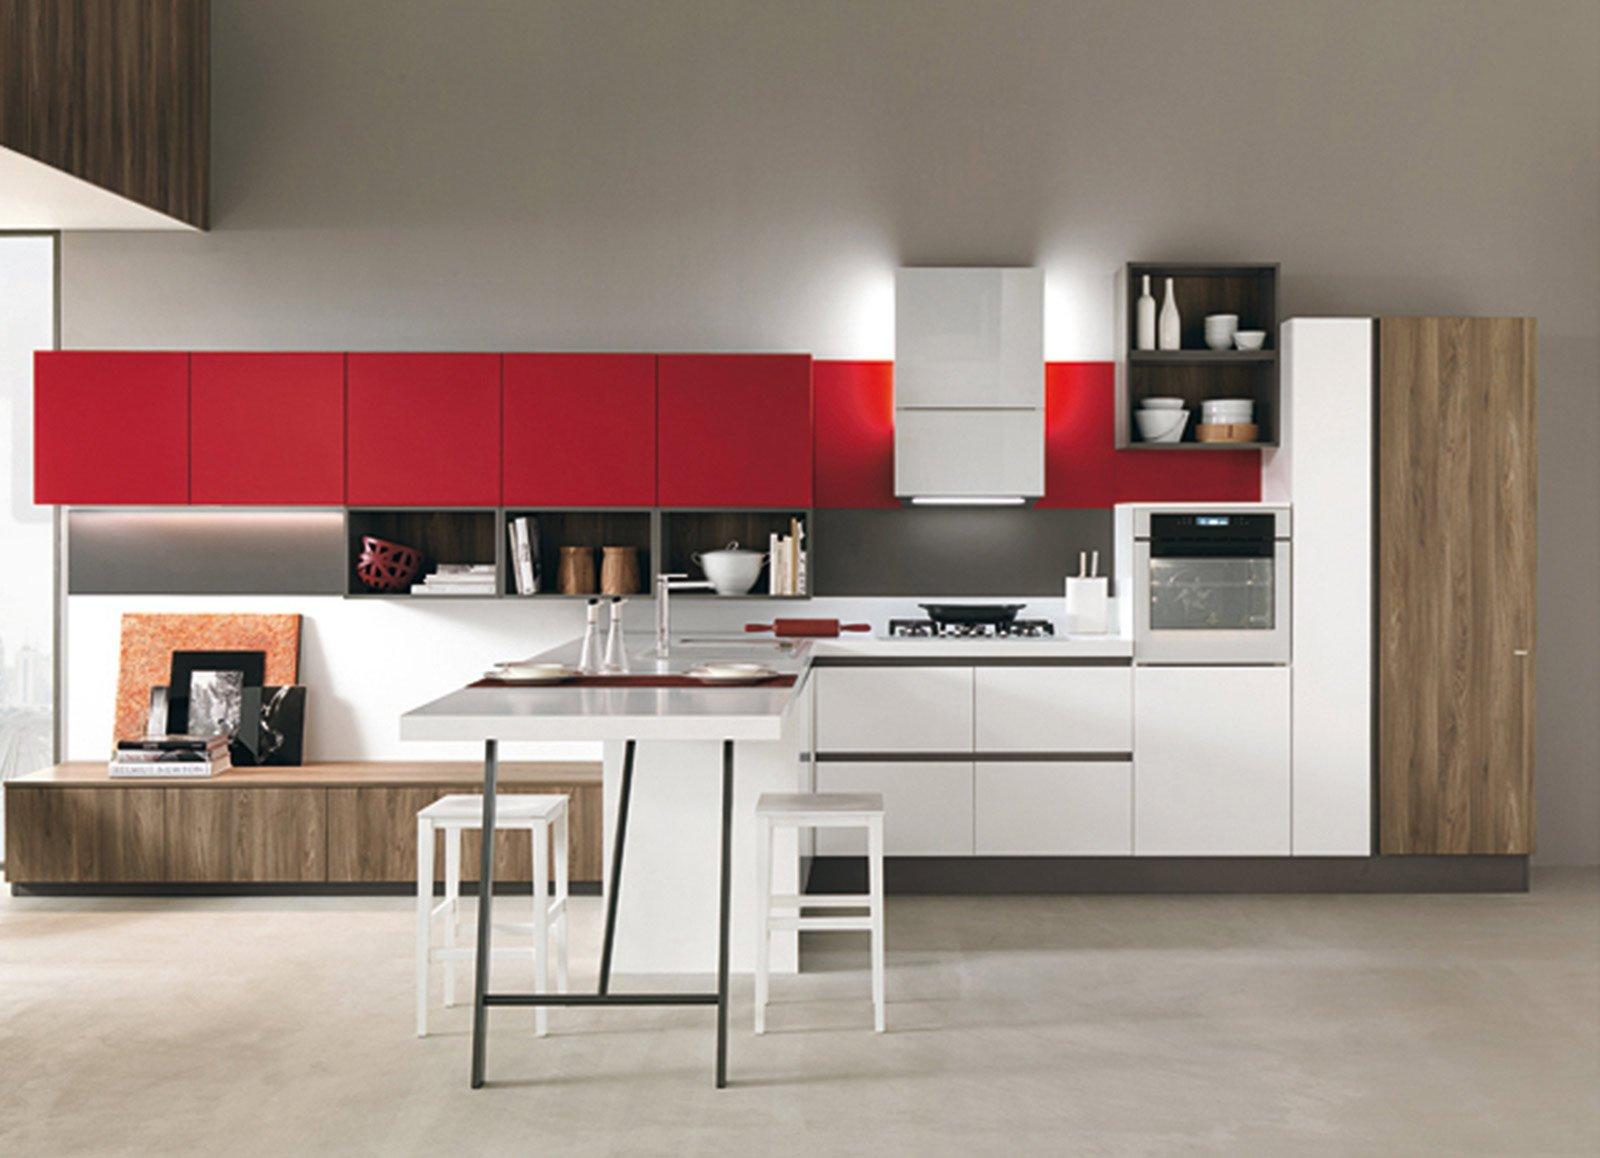 Cucine colori fluo per arredarla cose di casa - Cucine moderne colori ...